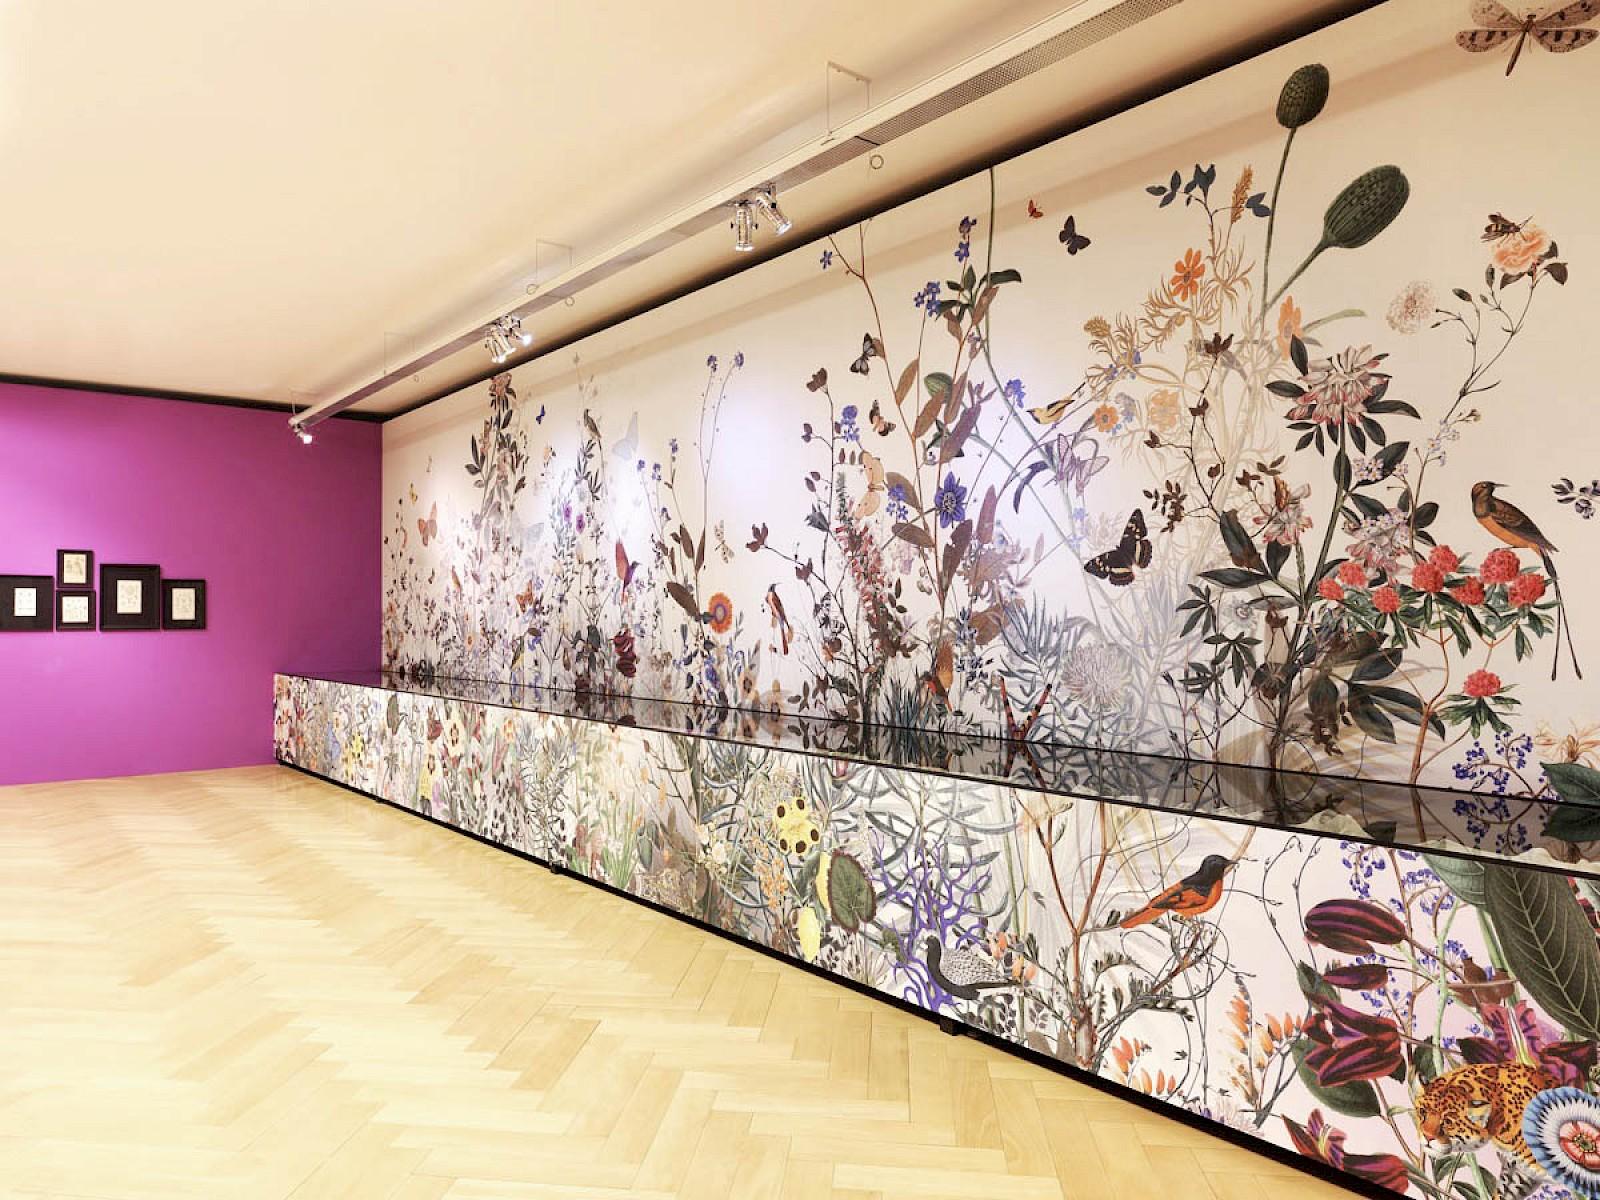 Image - Wallpaper Design for Textilmuseum St.Gallen, Switzerland